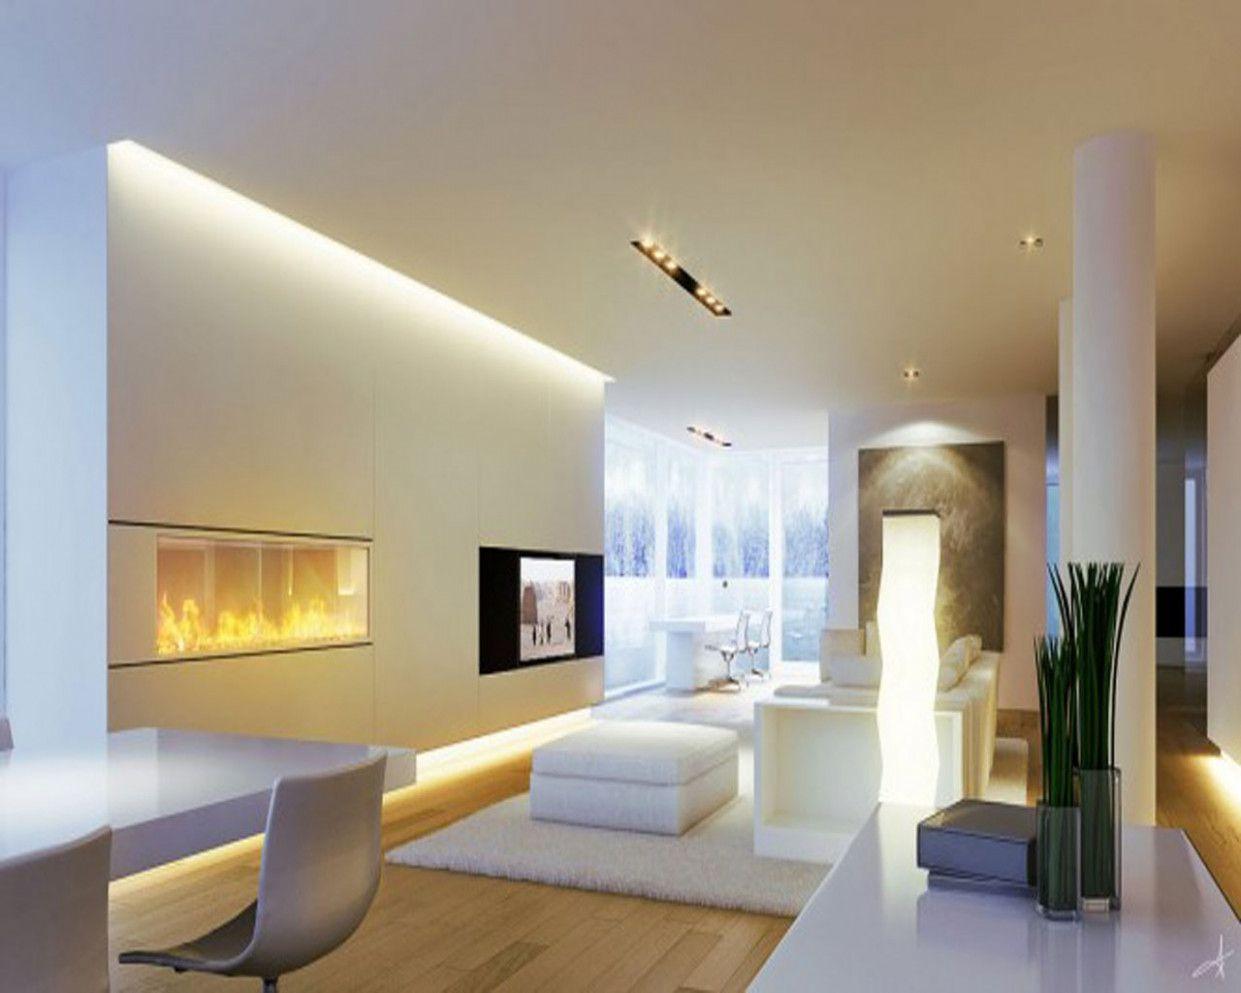 Wohnzimmer Ideen Moderne Pinterest  Dekorasi kamar, Dekorasi